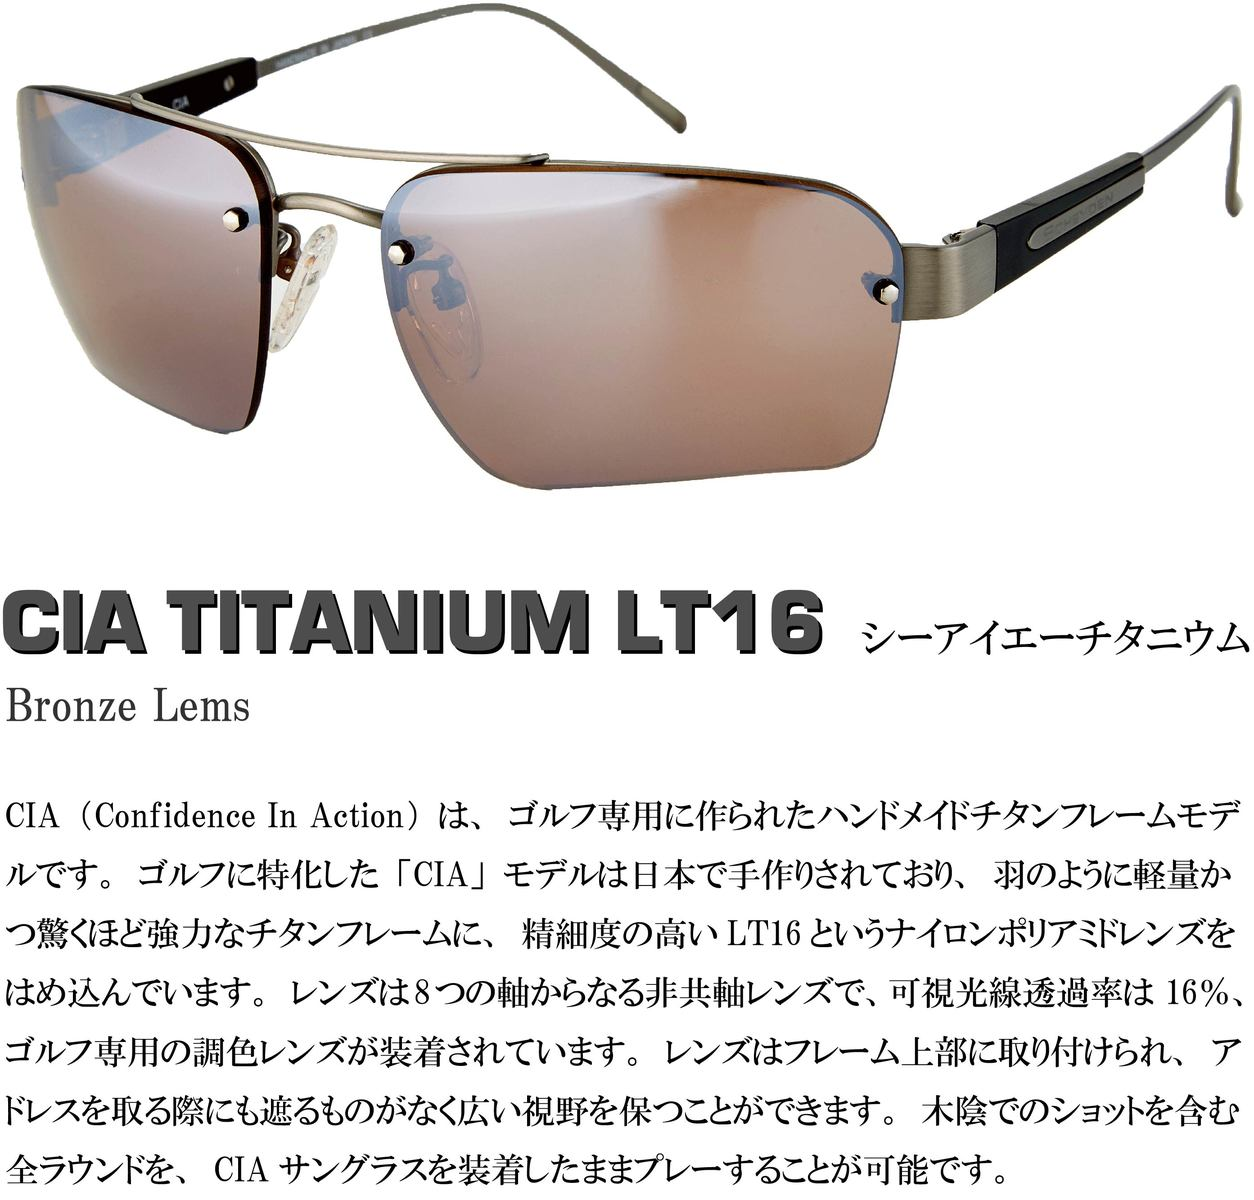 CIA Confidence In 大規模セール 別倉庫からの配送 Action は ゴルフ専用に作られた軽量かつ頑丈なハンドメイドチタンフレームサングラス SCHEYDEN ゴルフ用サングラス Lens シェイデン Bronze TTITANIUM LT16